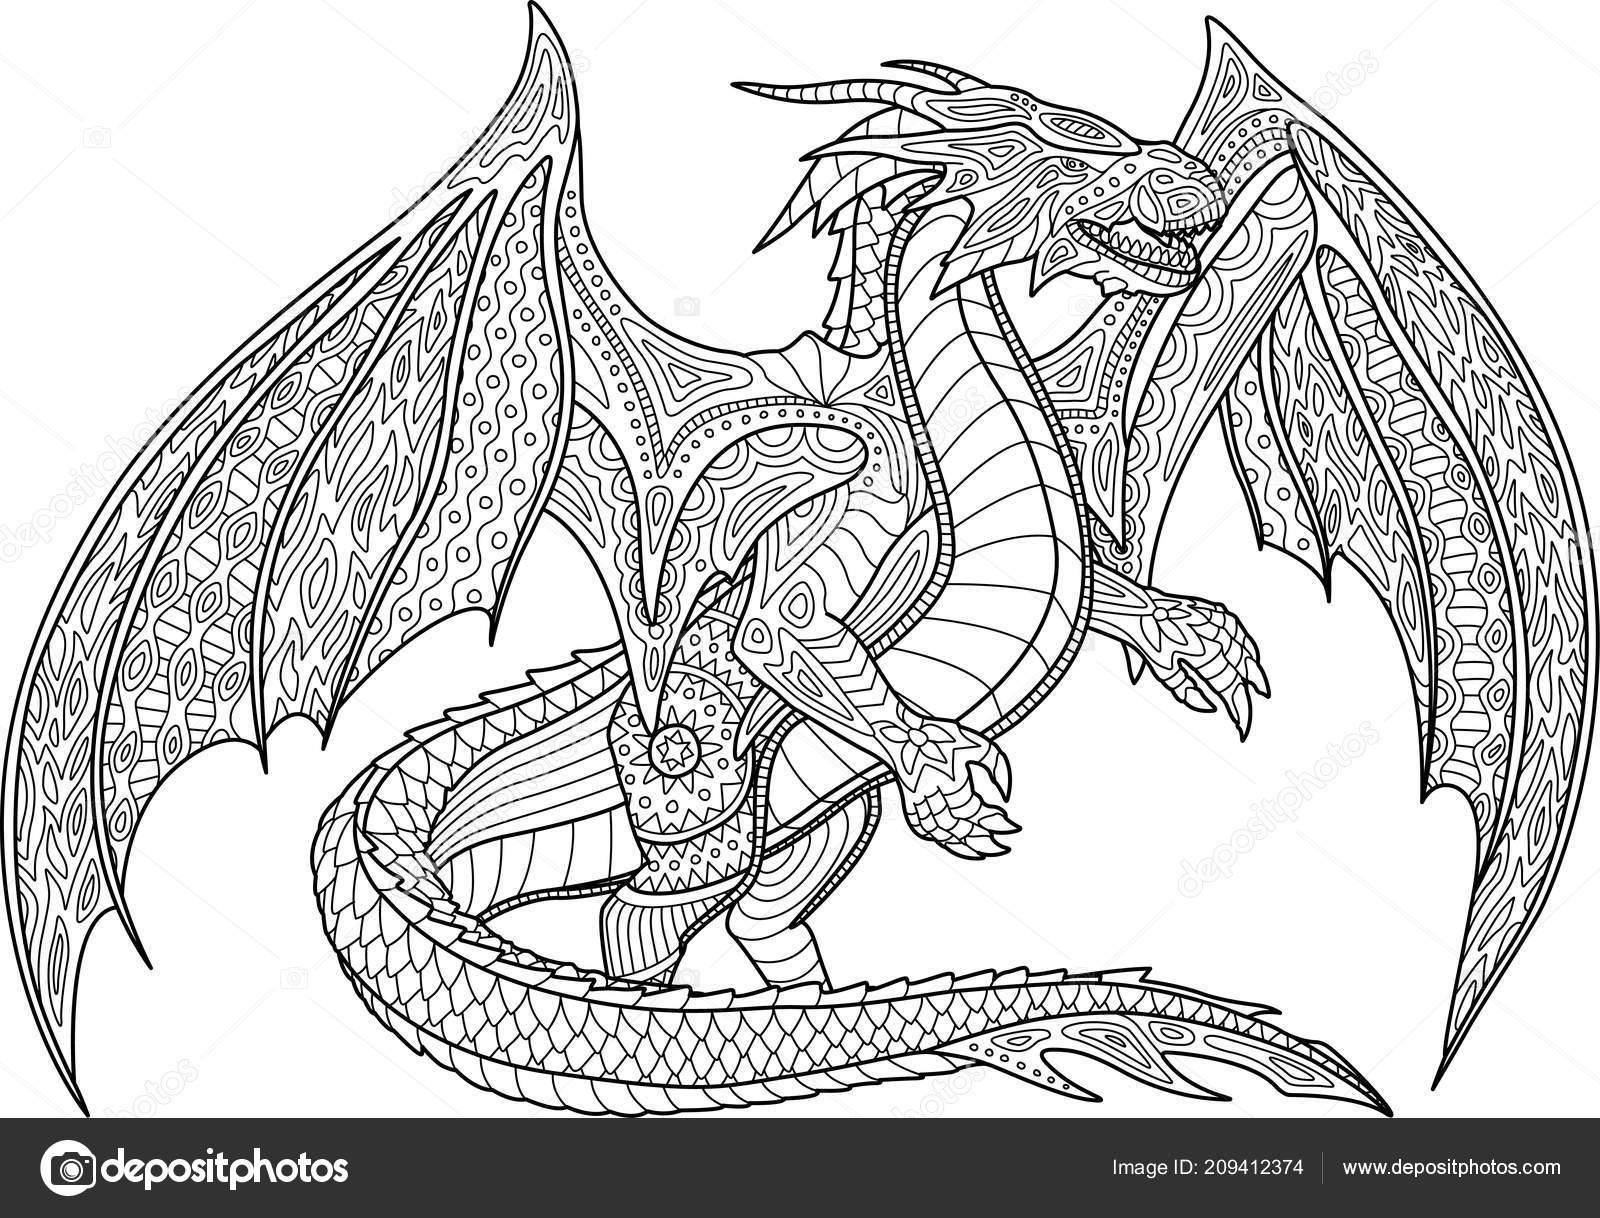 32 Drachen Malvorlagen Für Erwachsene - Besten Bilder von